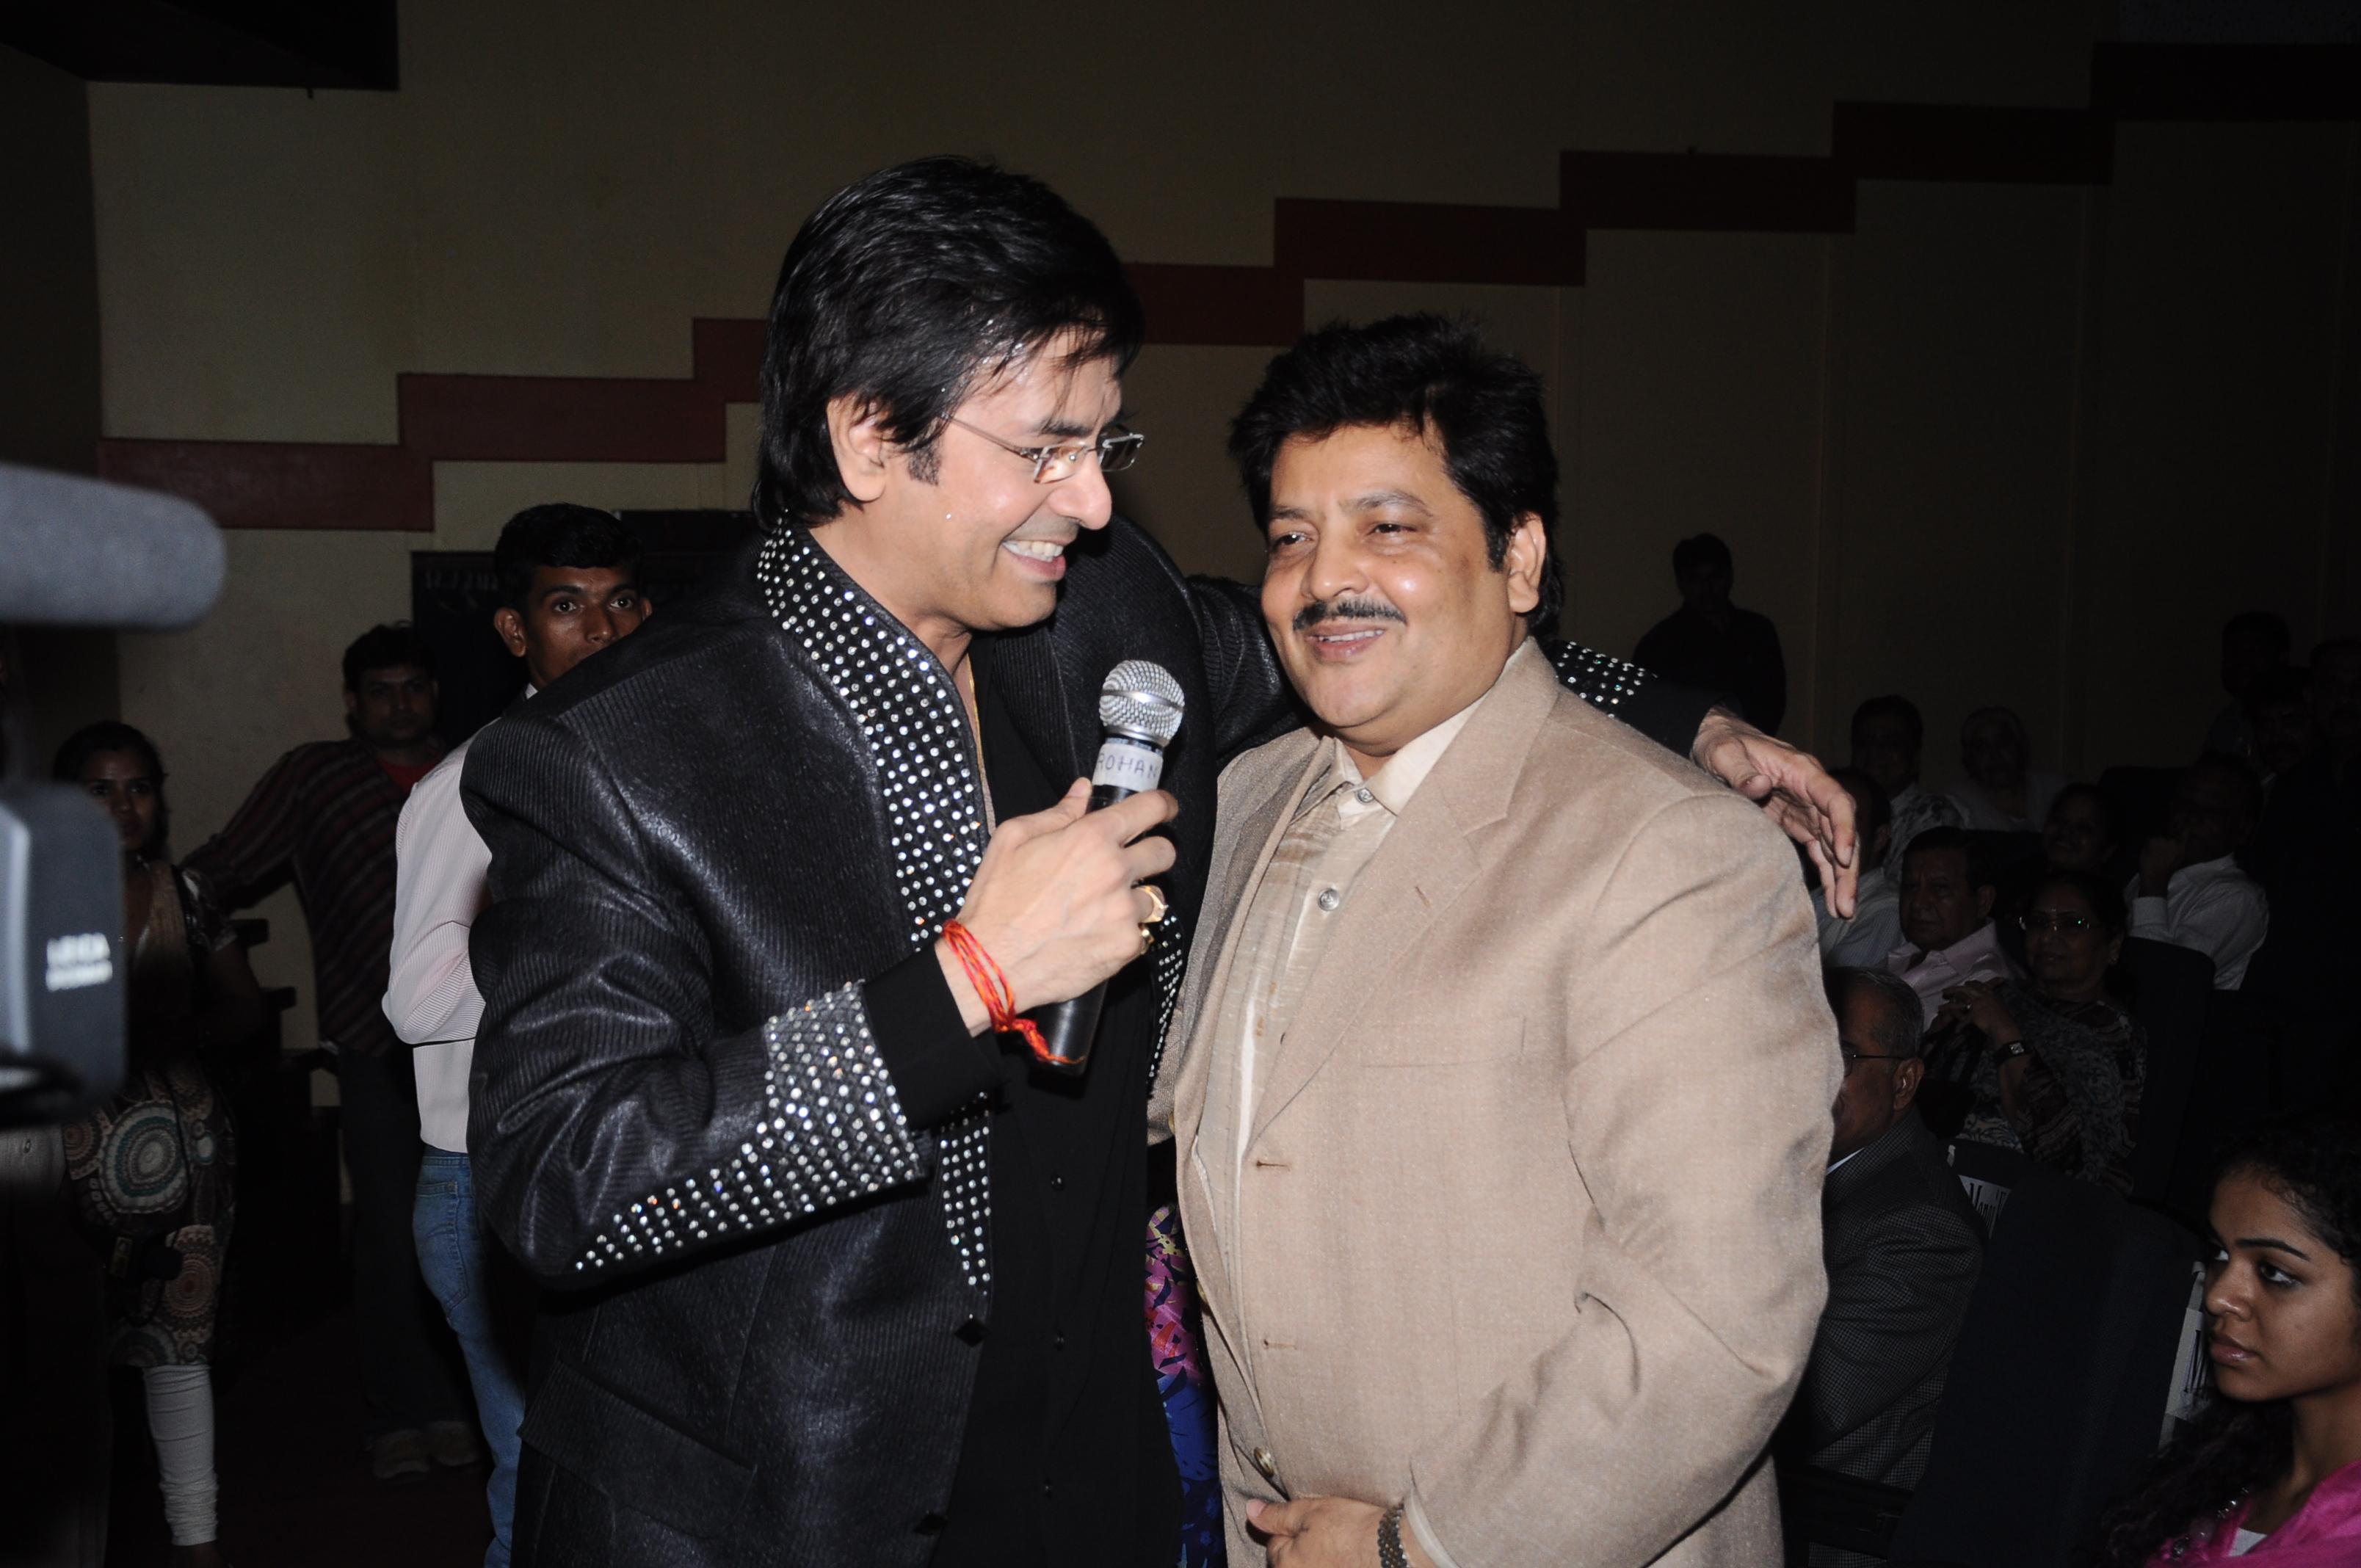 With Udit Narayan ji